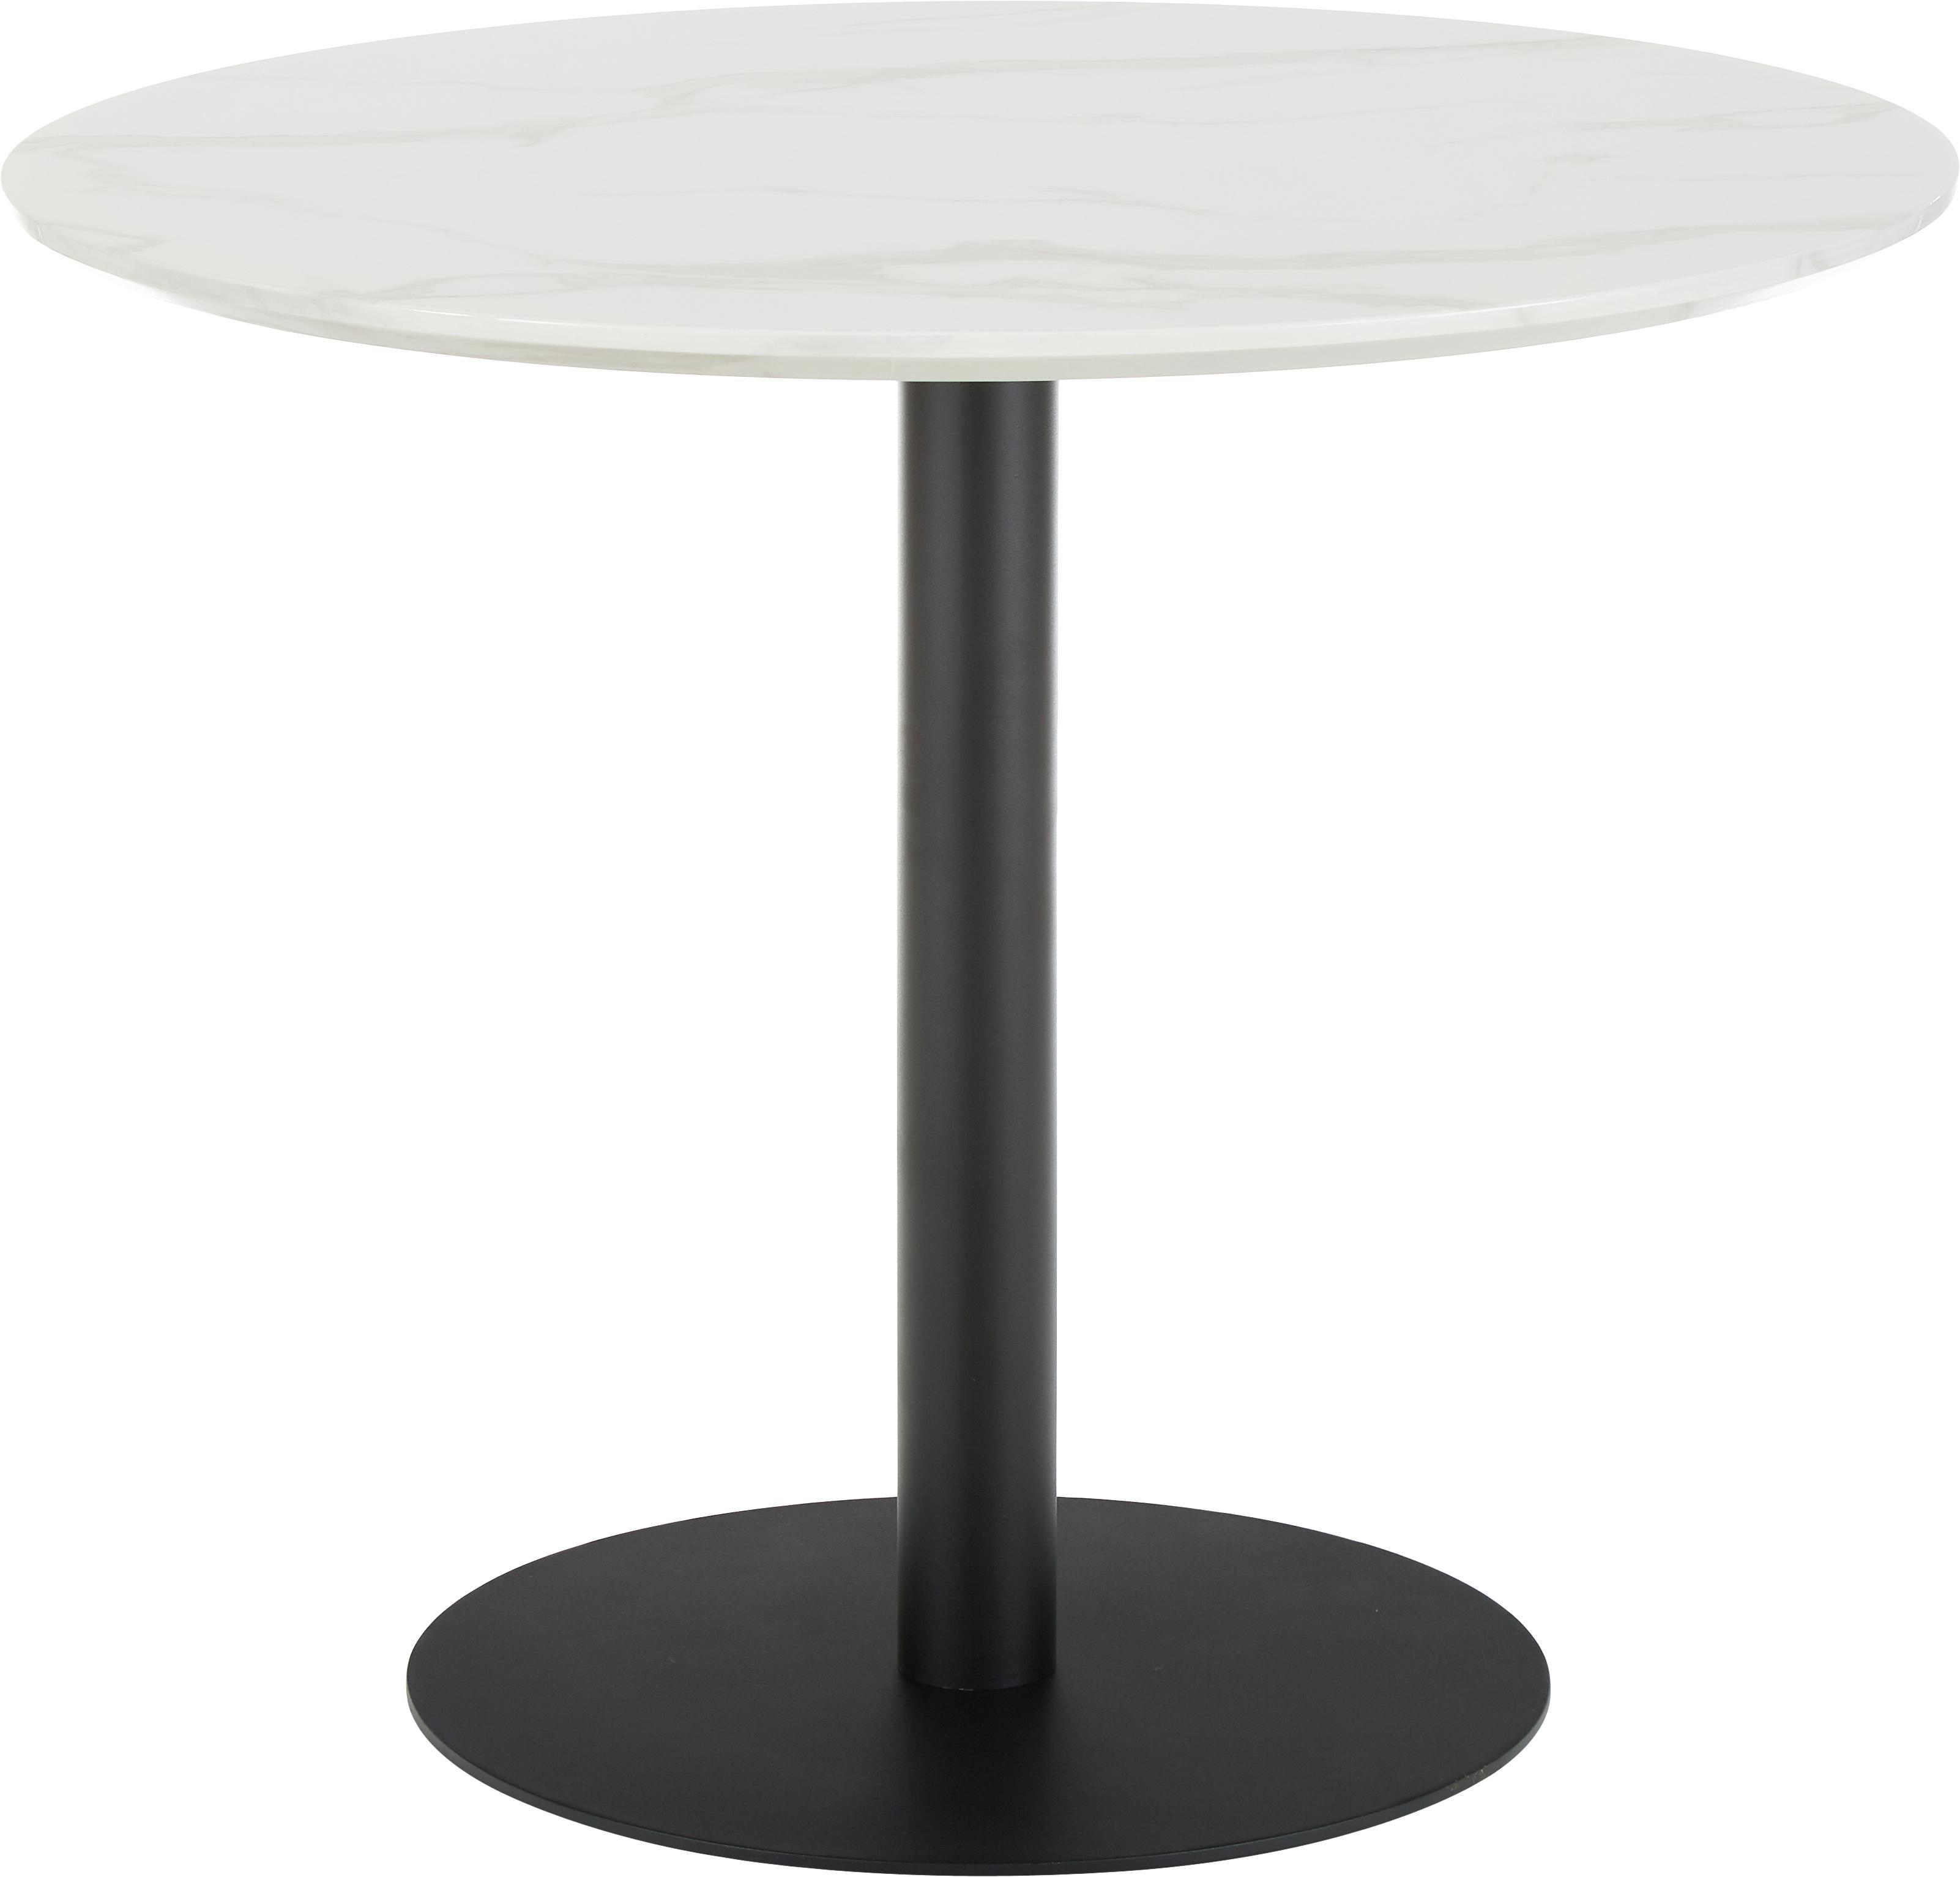 Okrągły stół do jadalni z imitacji marmuru Karla, Blat: płyta pilśniowa średniej , Blat: biały, marmurowy Noga stołu: czarny, matowy, Ø 90 x W 75 cm